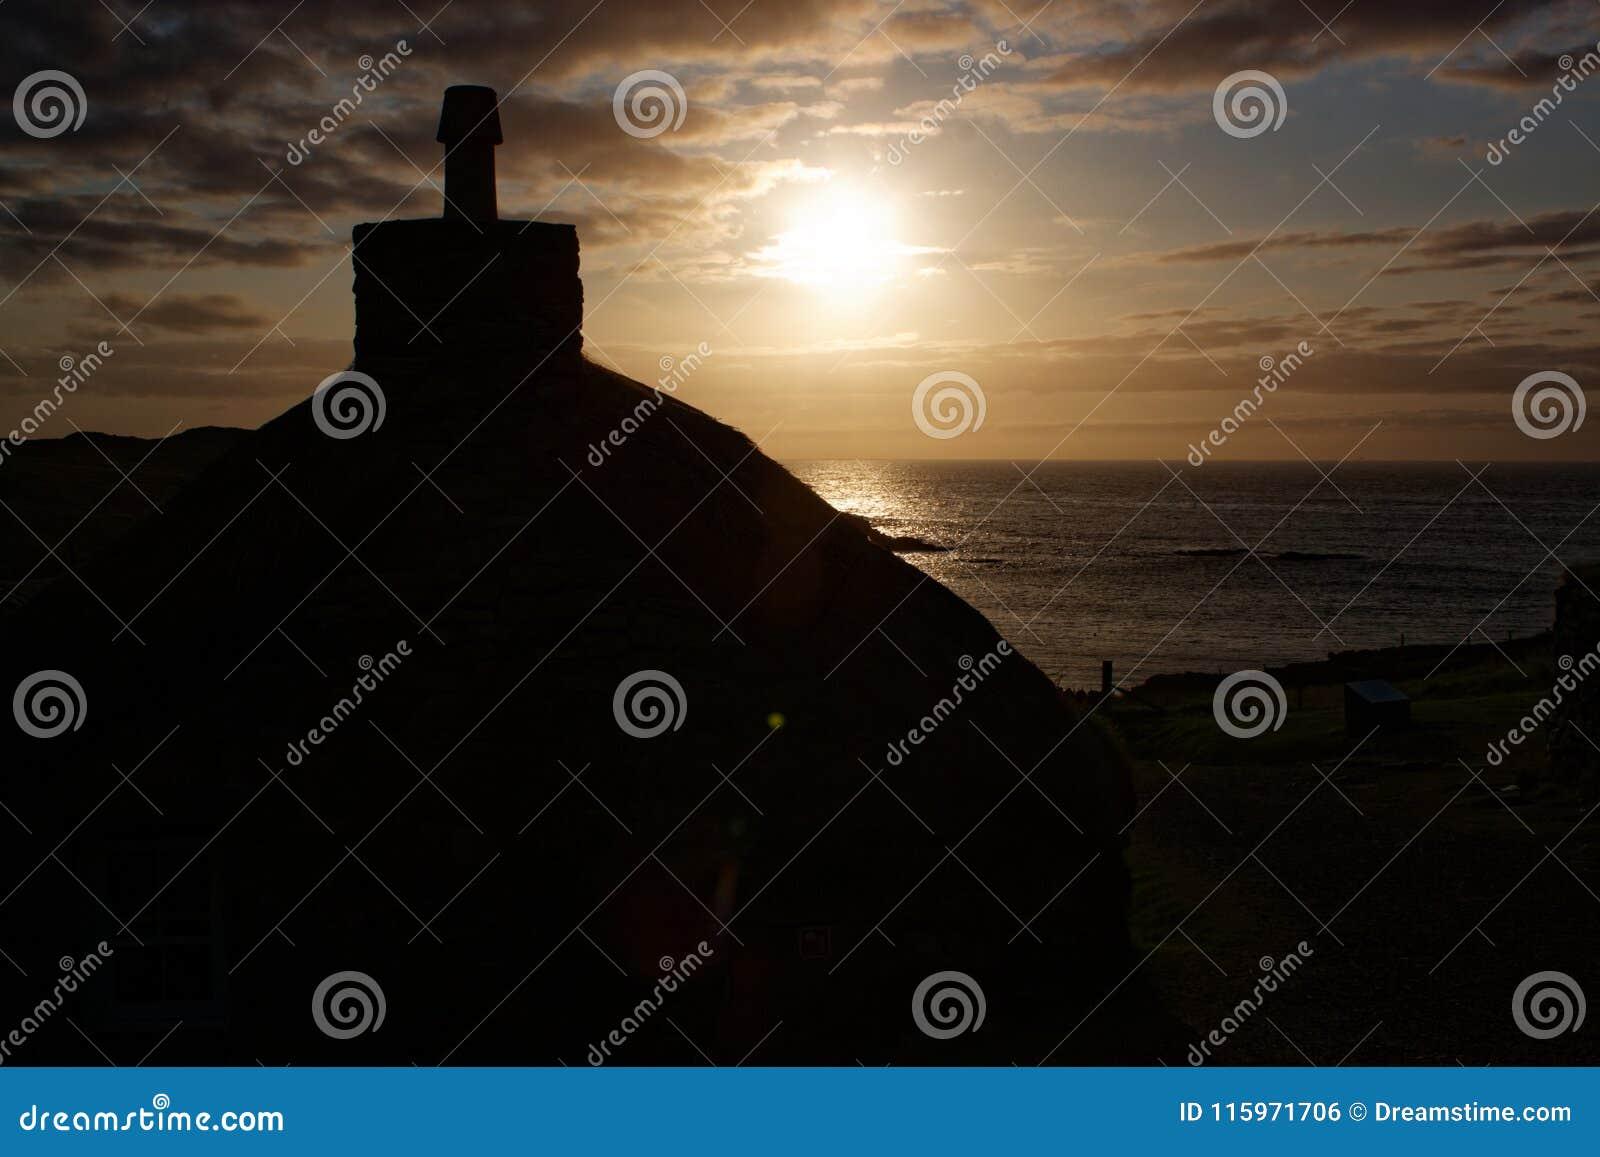 Isle of Lewis Cottage